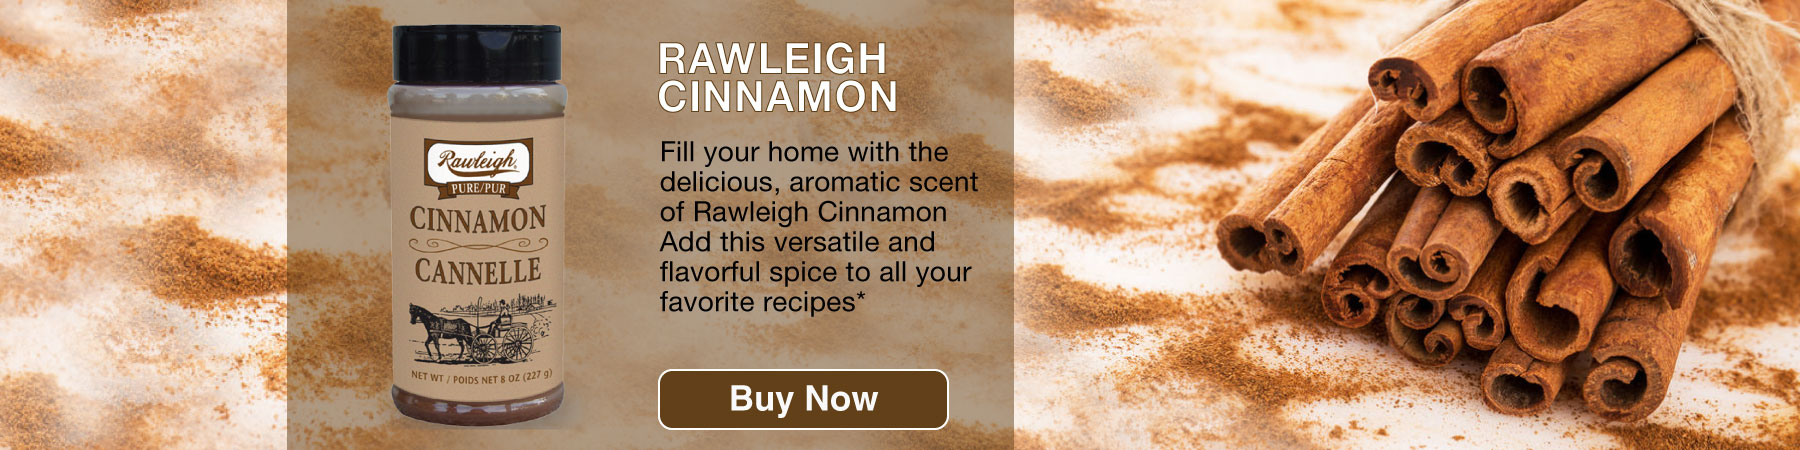 Rawleigh Cinnamon